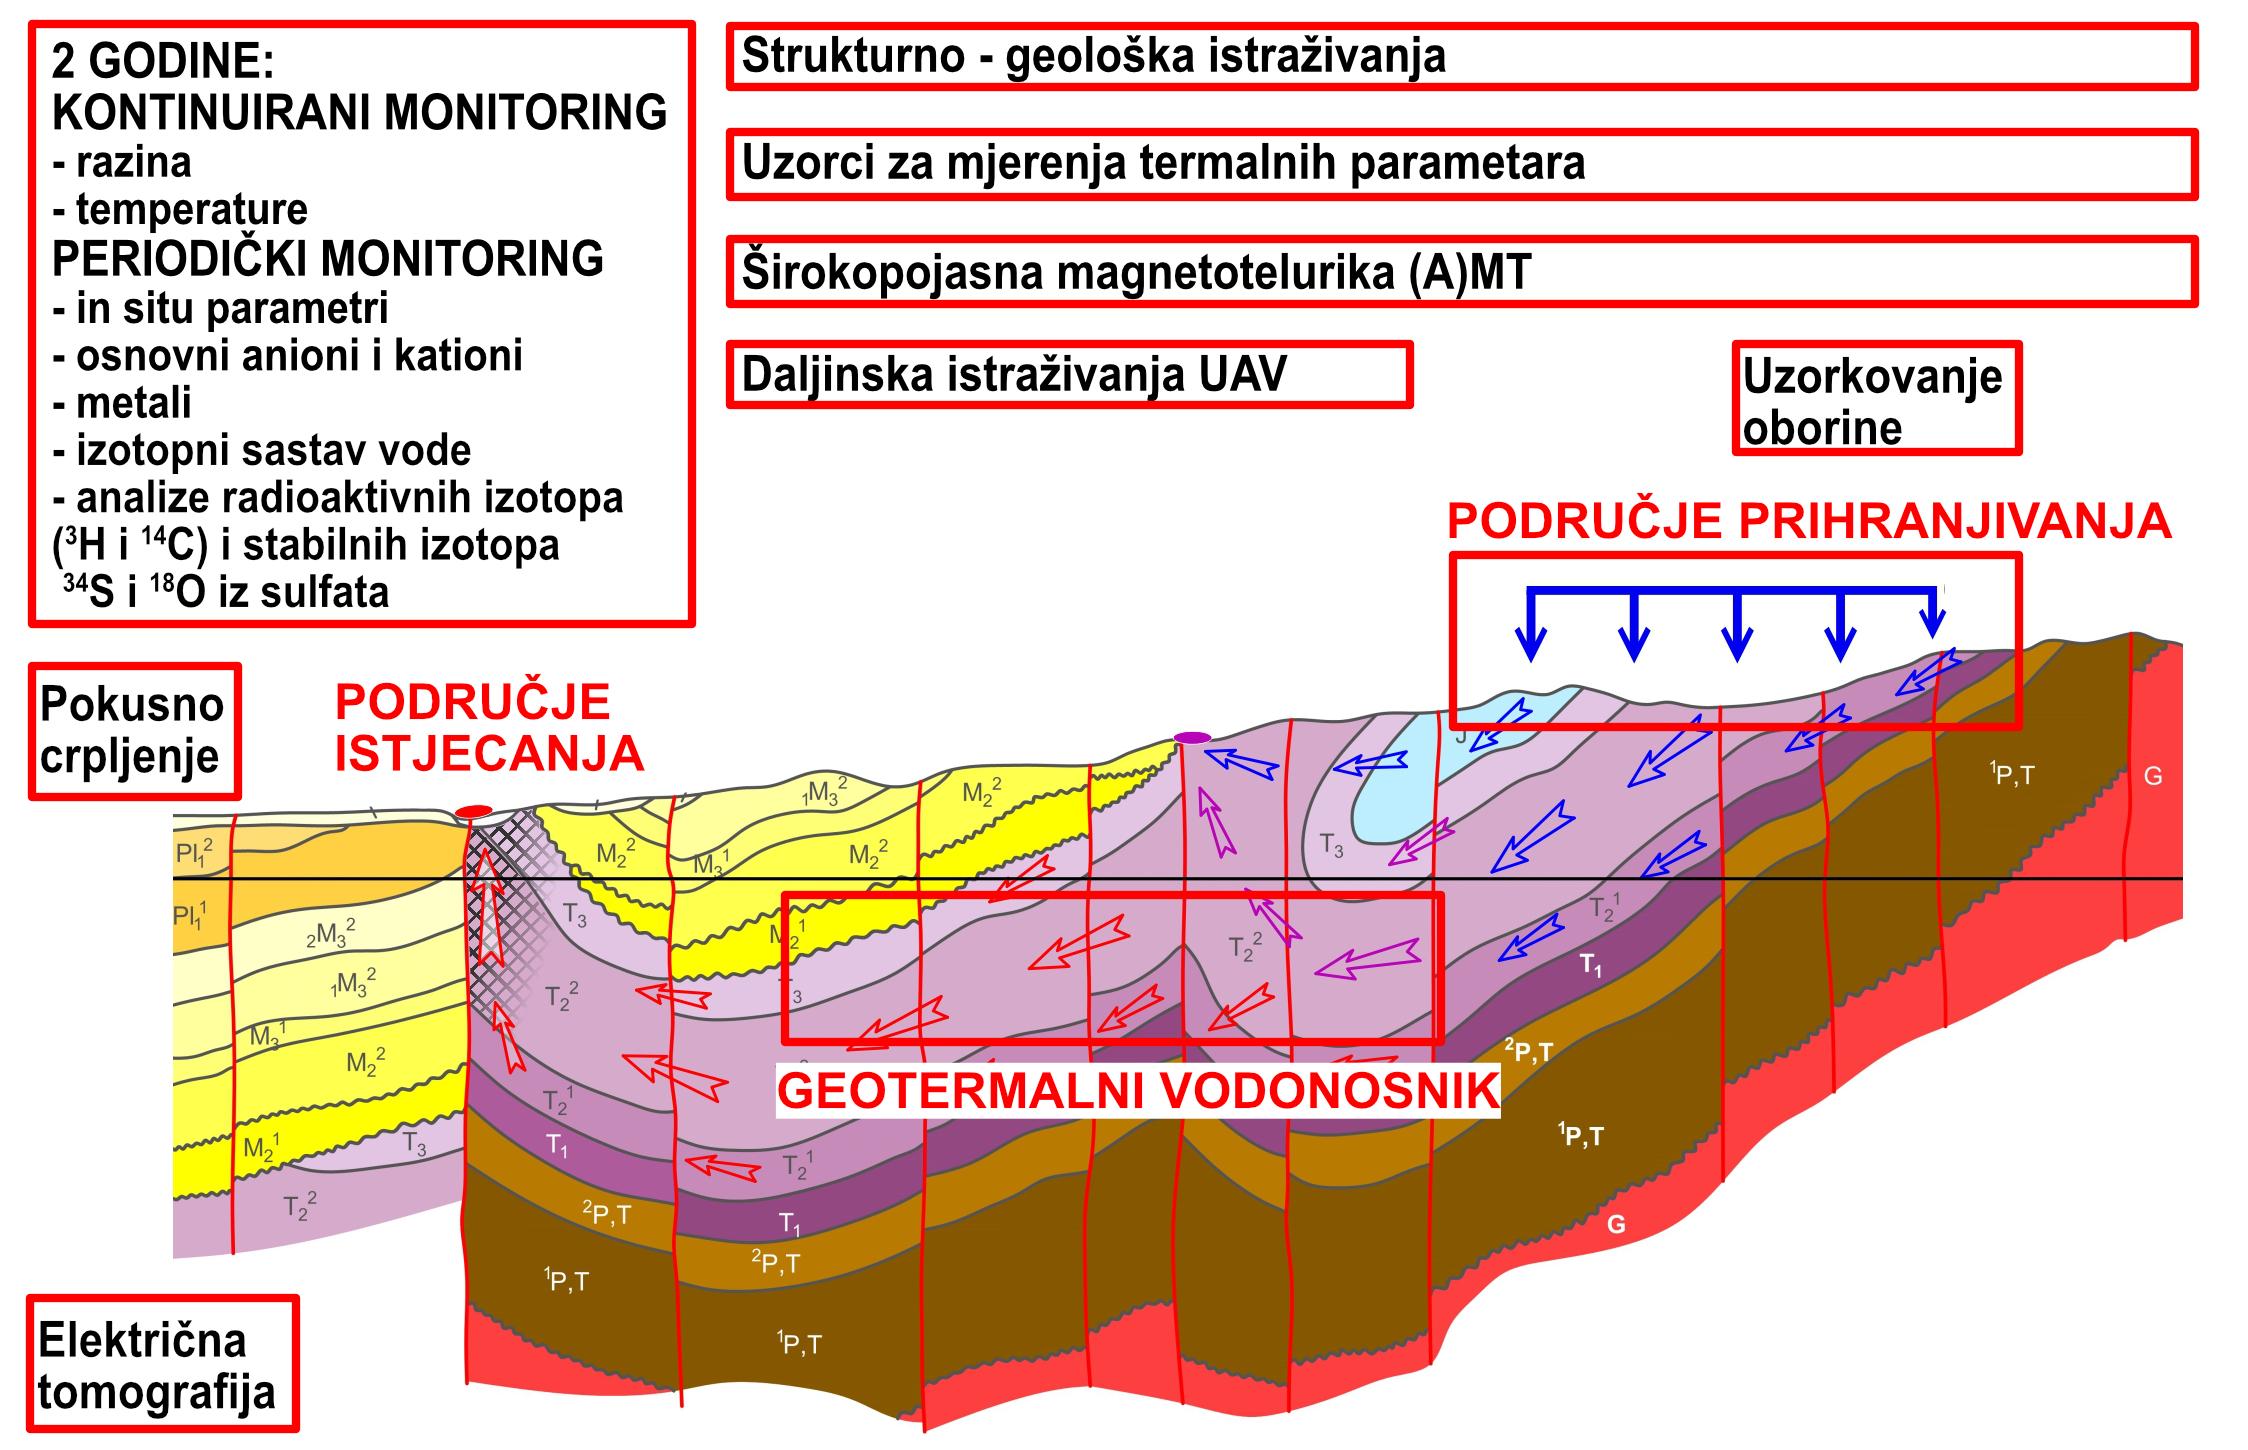 Pozicioniranje pojedinih vrsta istraživanja u različitim dijelovima hidrotermalnih sustava